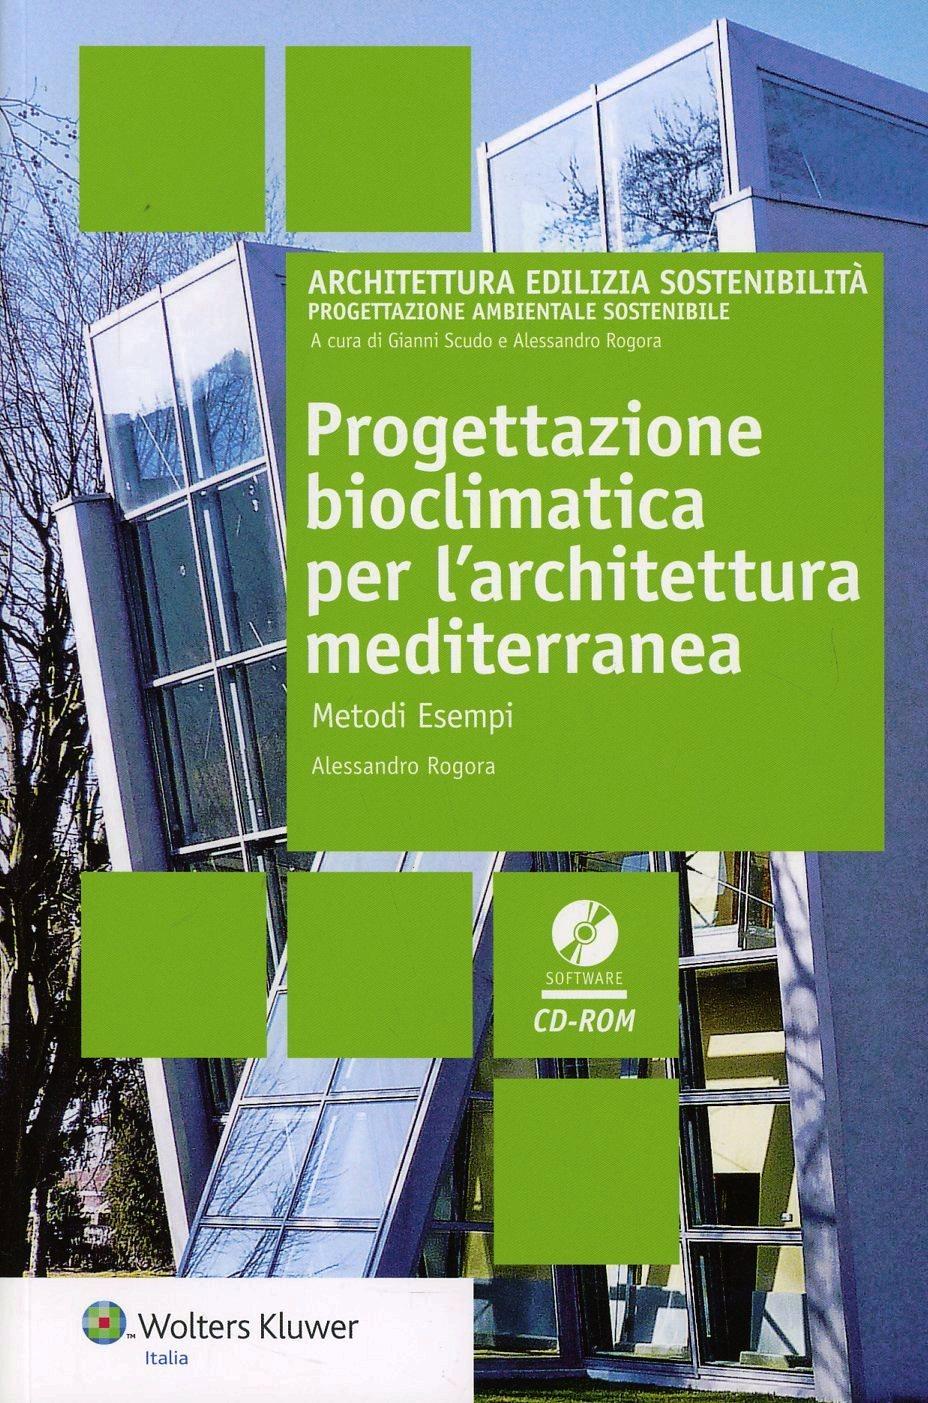 Progettazione bioclimatica per l 39 architettura mediterranea for Progettazione edilizia gratuita